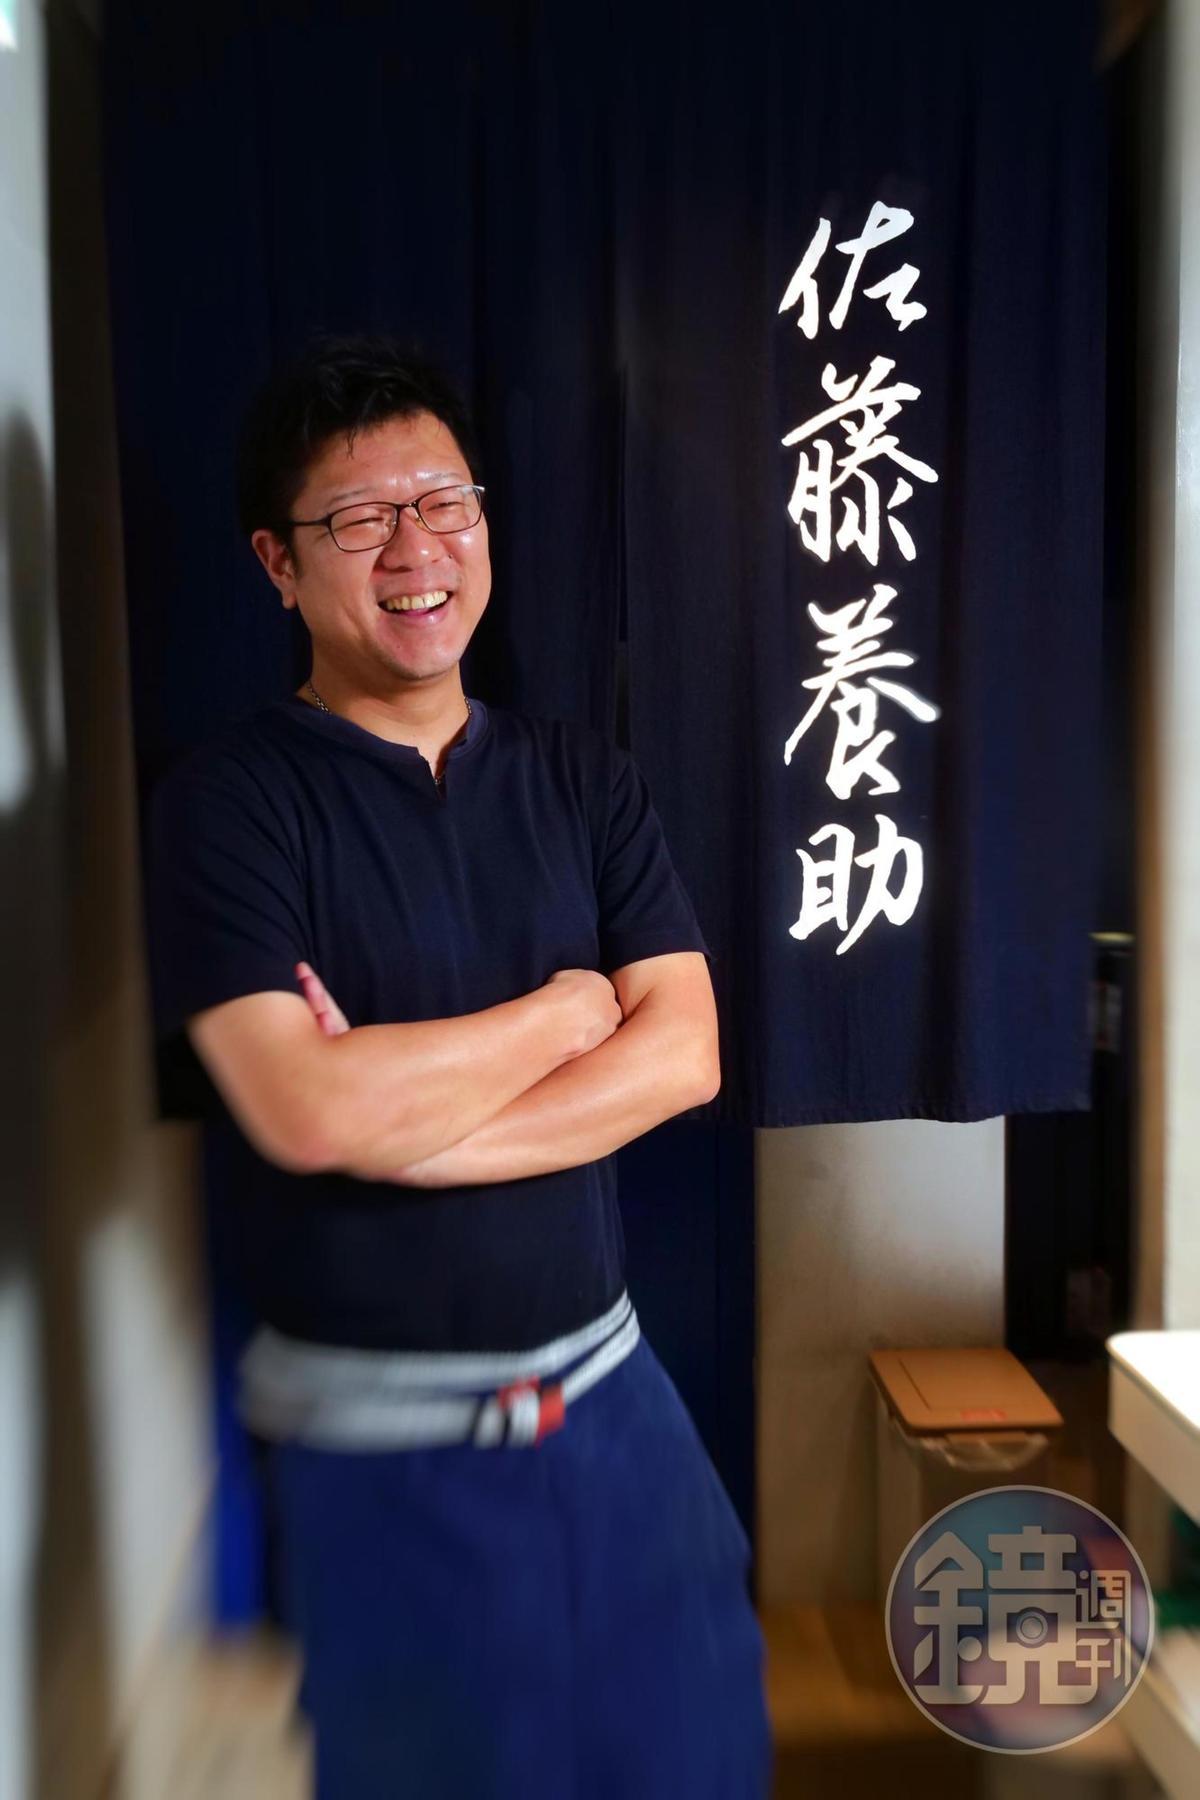 店主兼主廚川村勝行手藝好,來台5年已累積不少老饕顧客。